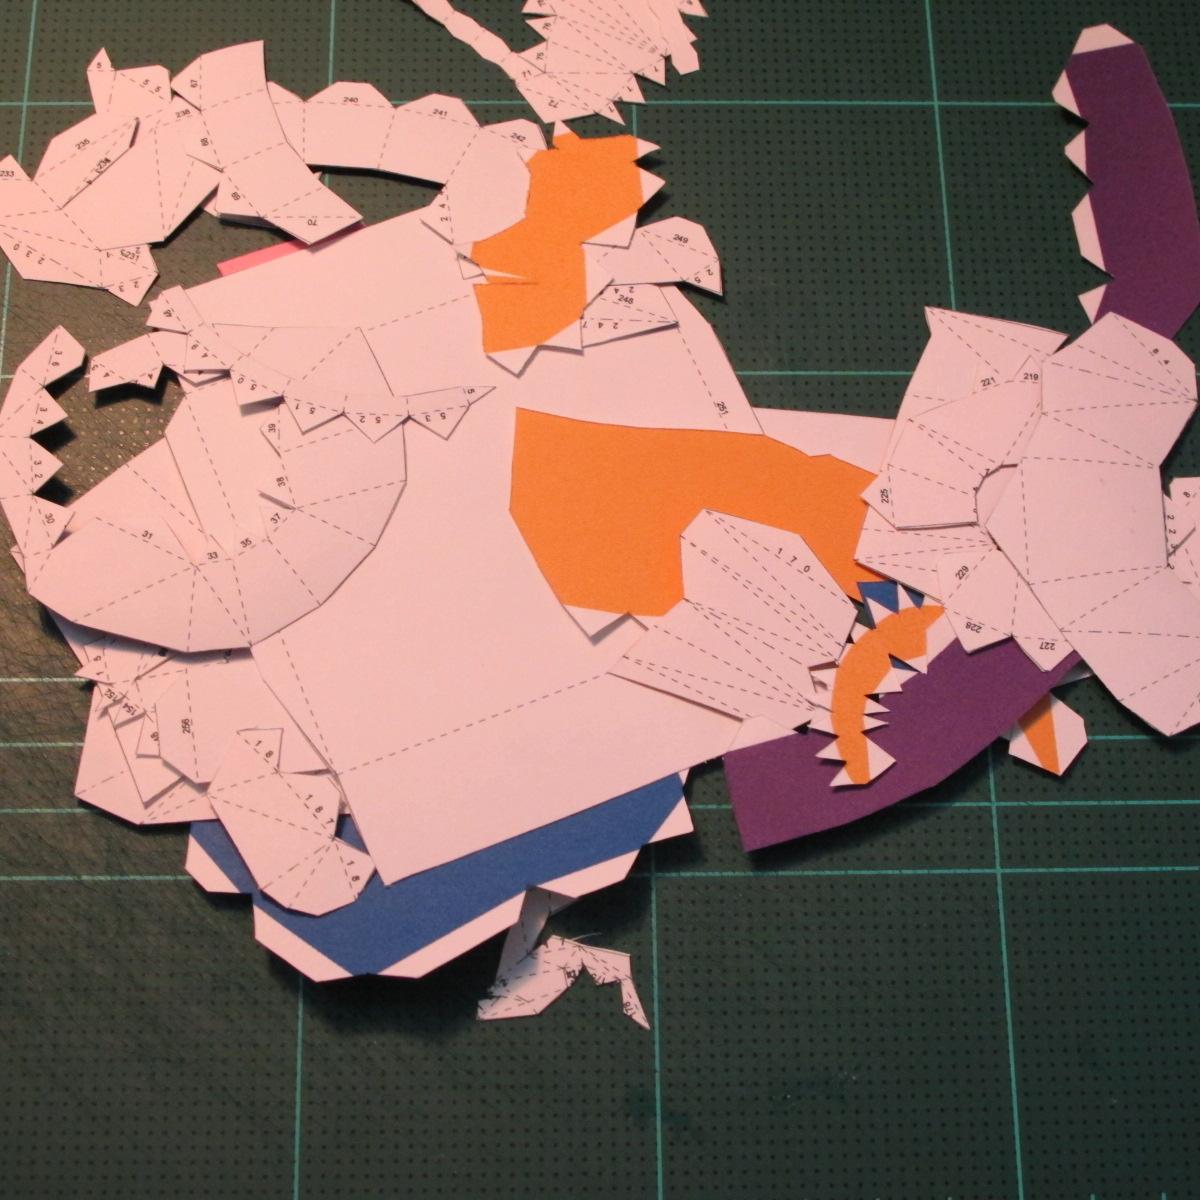 วิธีทำโมเดลกระดาษตุ้กตา คุกกี้รสราชินีสเก็ตลีลา จากเกมส์คุกกี้รัน (LINE Cookie Run Skating Queen Cookie Papercraft Model) 001